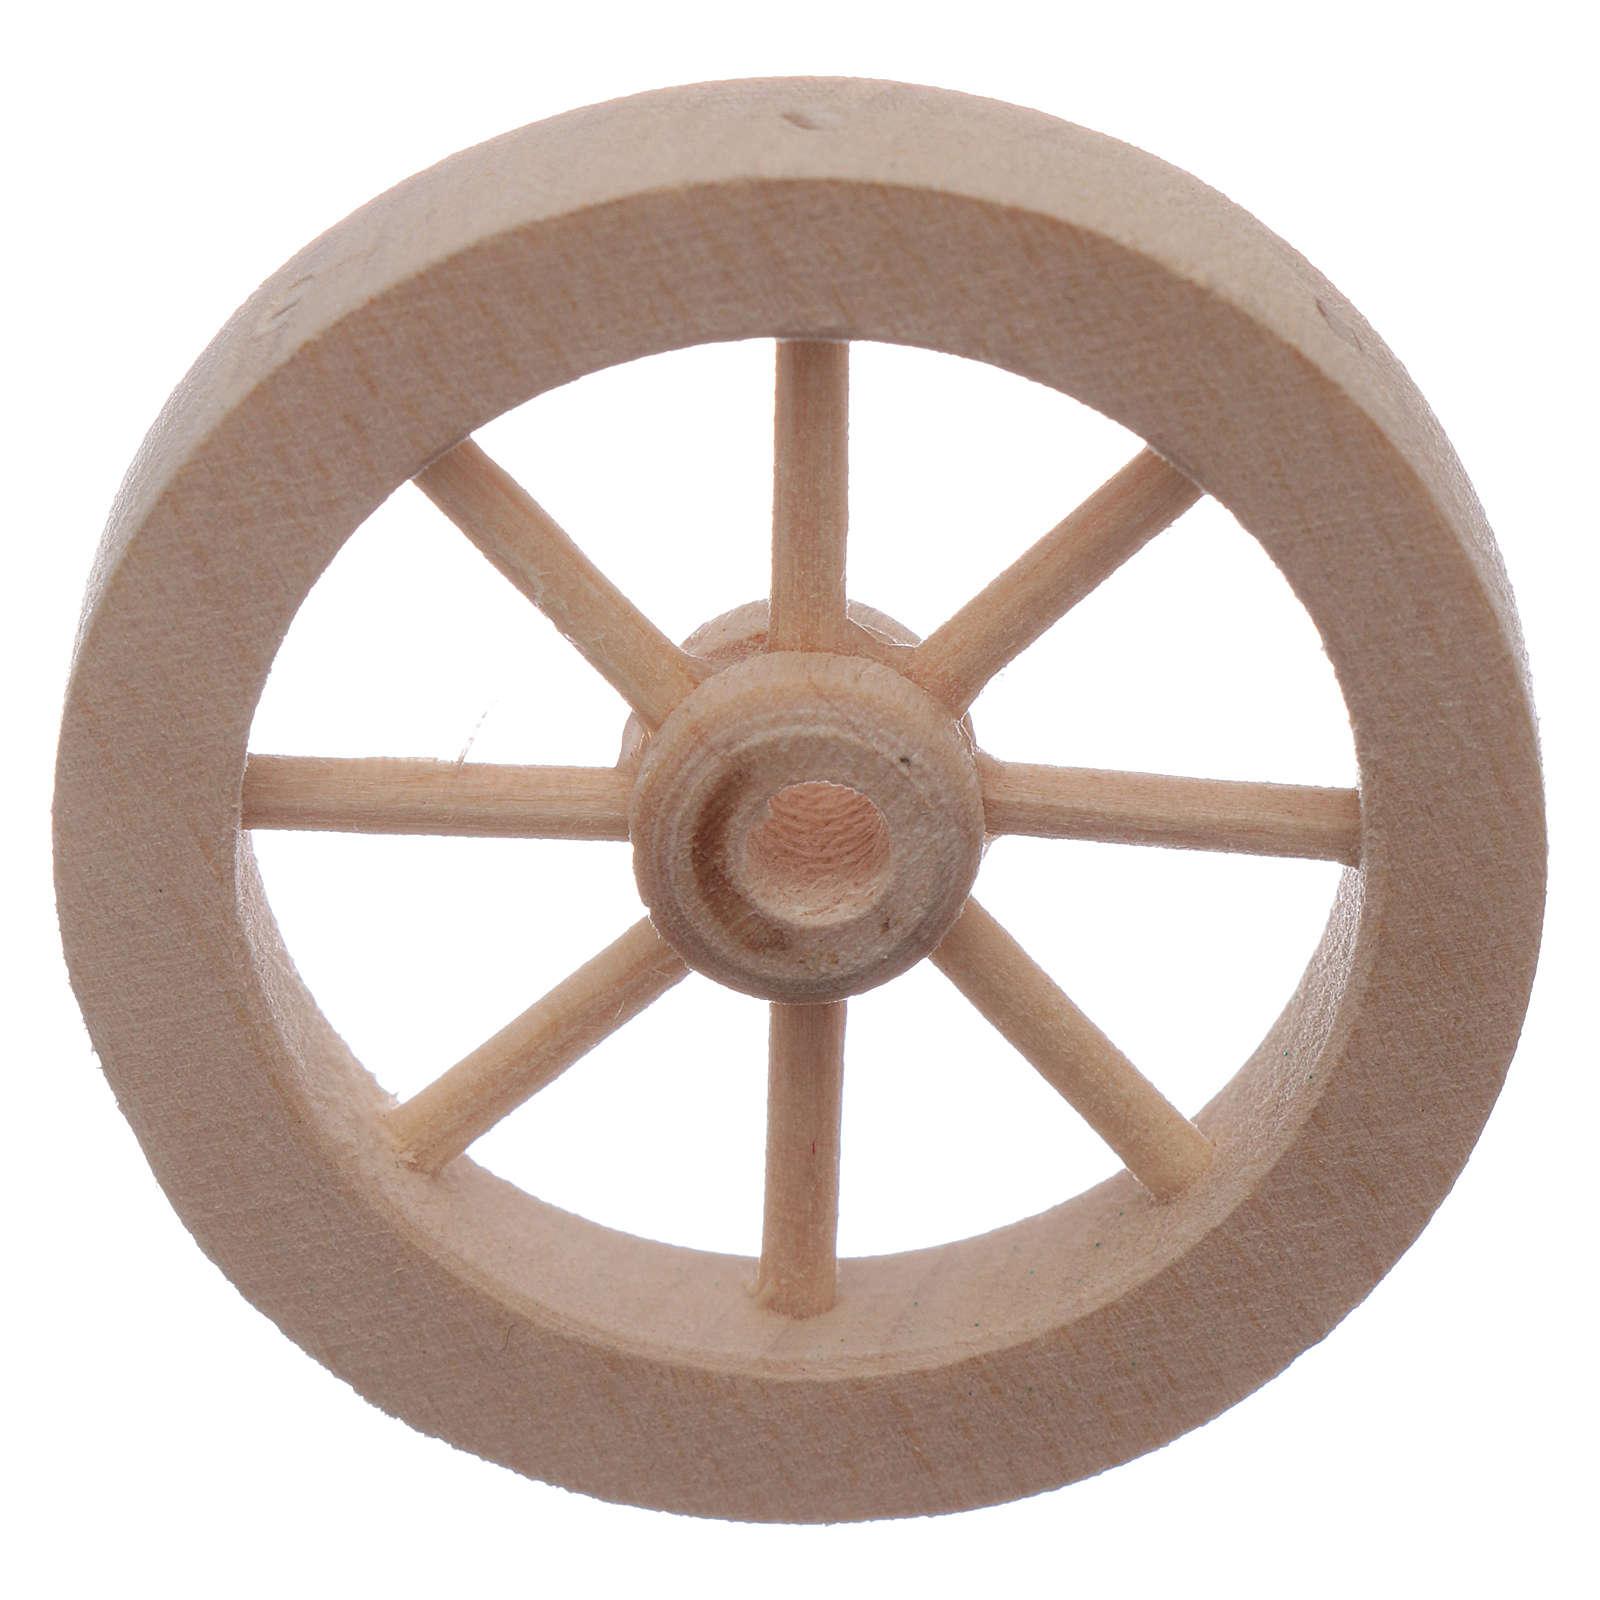 Koło wozu z drewna szopka 4 cm średnica 4